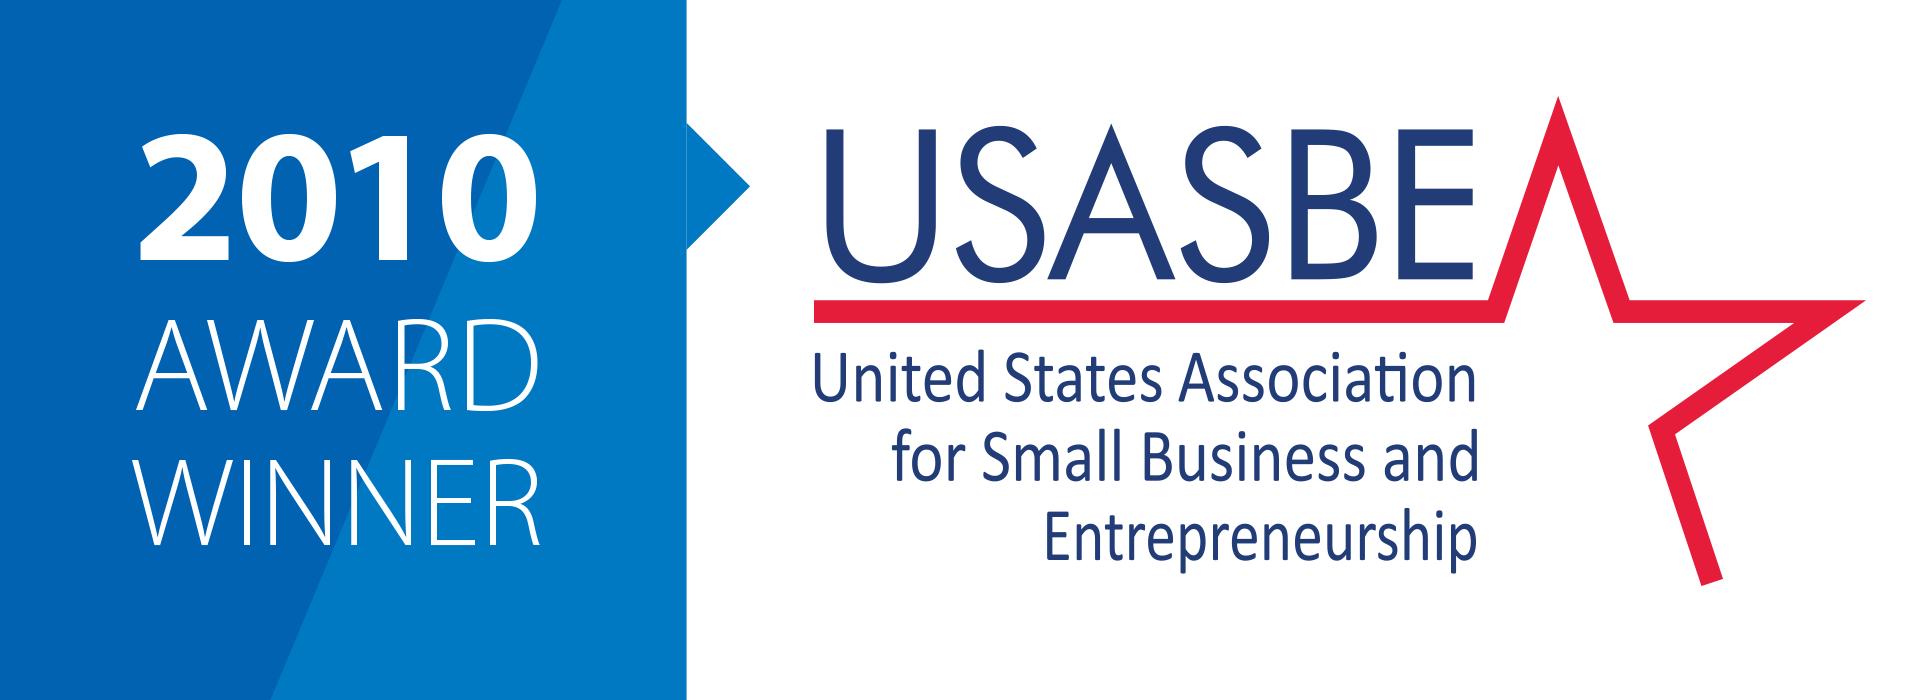 2010 USASBE Award